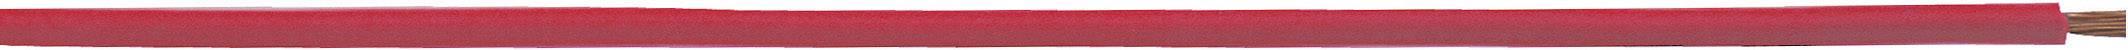 Opletenie / lanko LappKabel 4510093 H05V-K, 1 x 1 mm², vonkajší Ø 2.60 mm, 100 m, oranžová